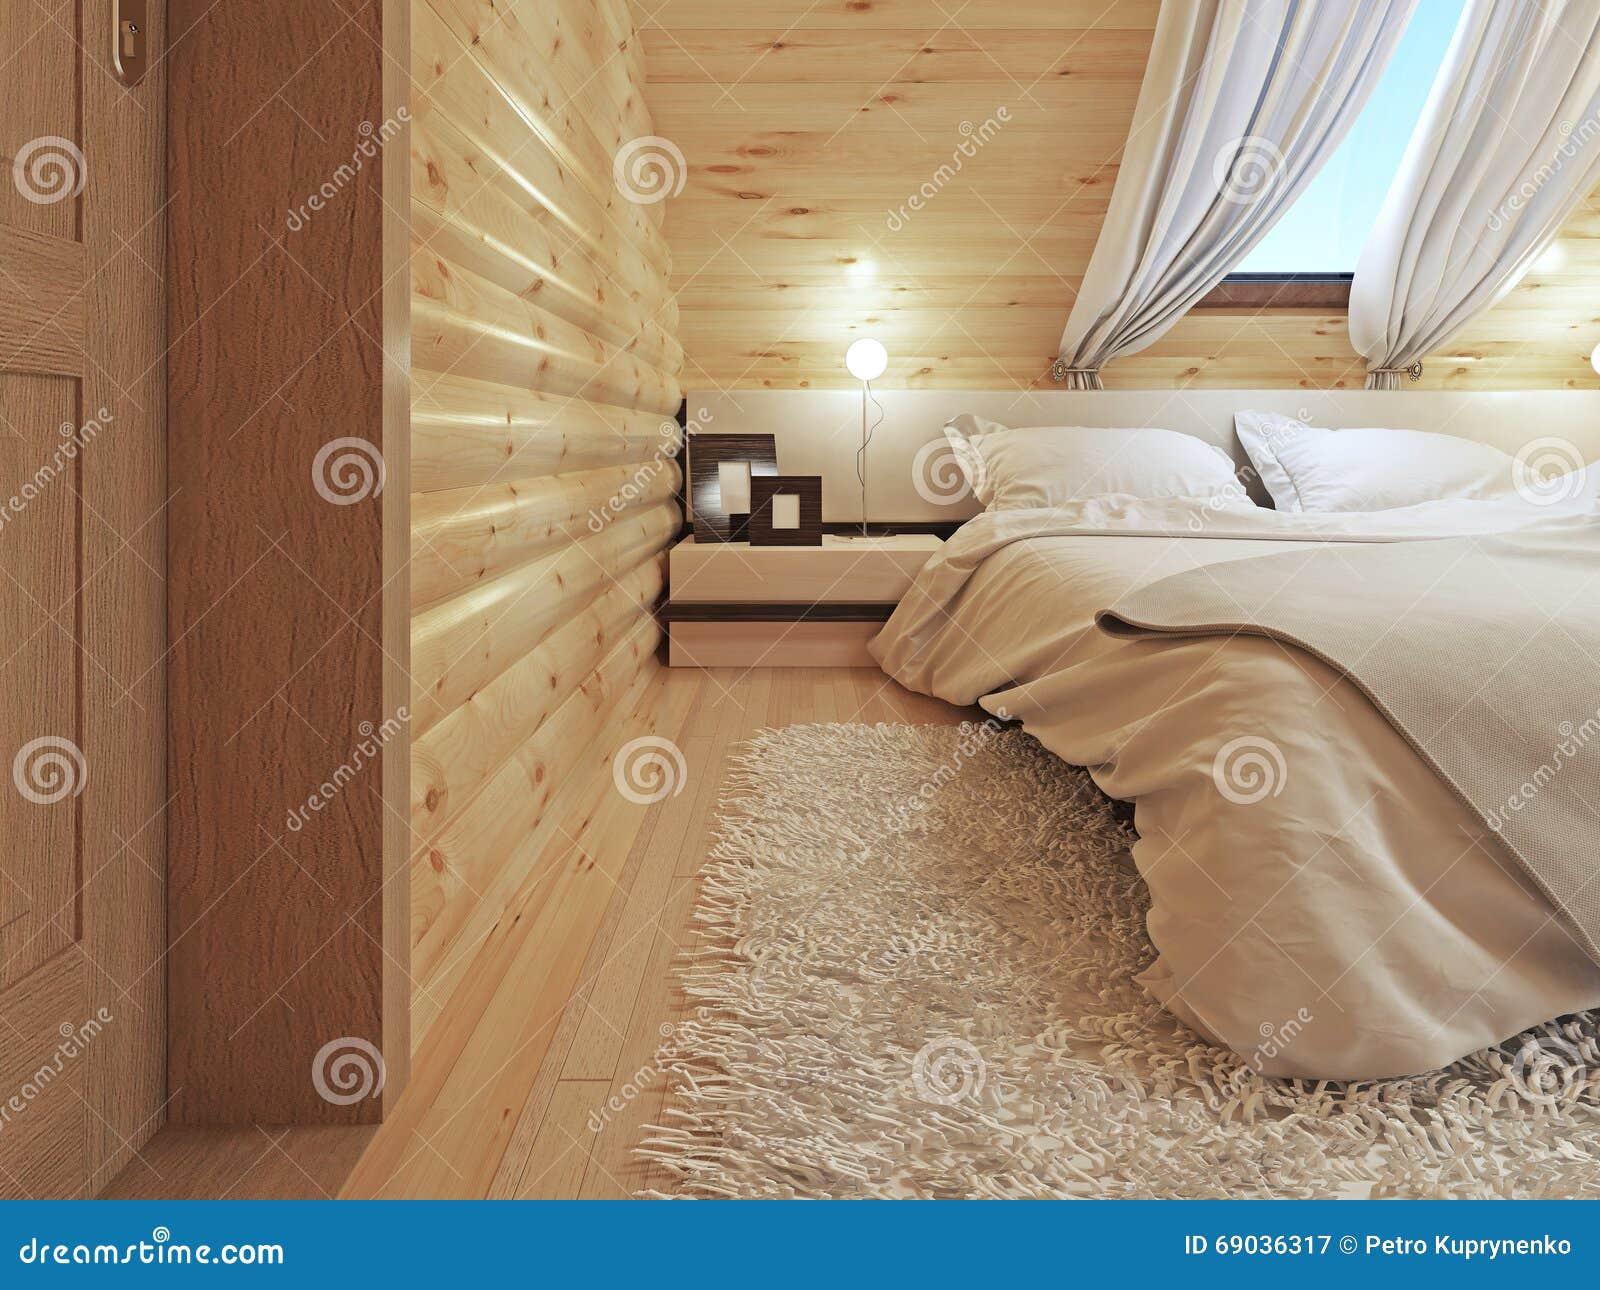 Bedlijsten met lampen en een staande lamp in de moderne slaapkamer